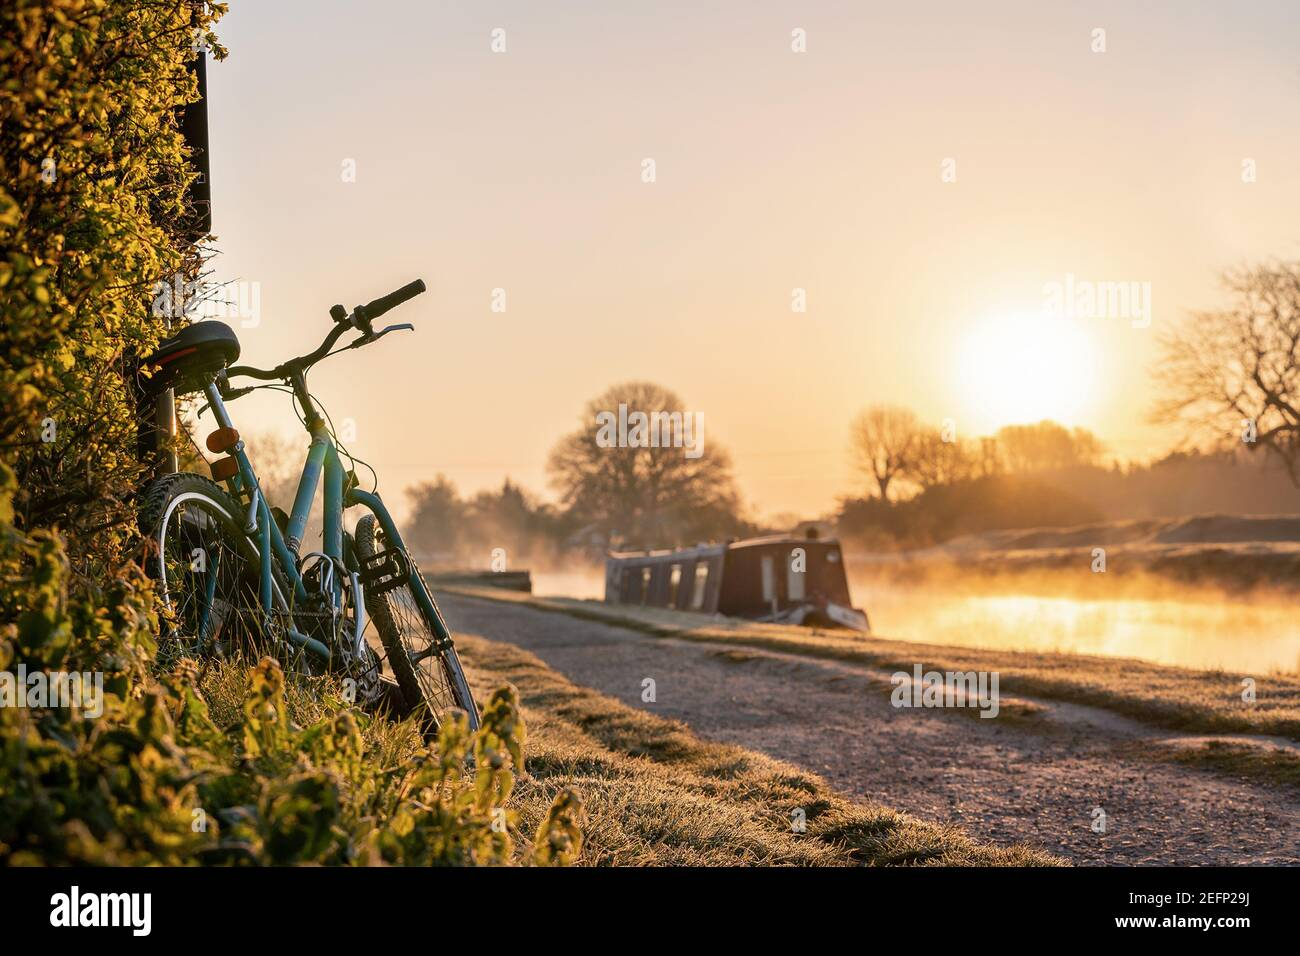 Bateau sur le canal avec VTT à gauche contre la haie lever du soleil tôt le matin à l'aube avec lumière dorée dans le ciel La rivière Trent et la brume se levant Banque D'Images